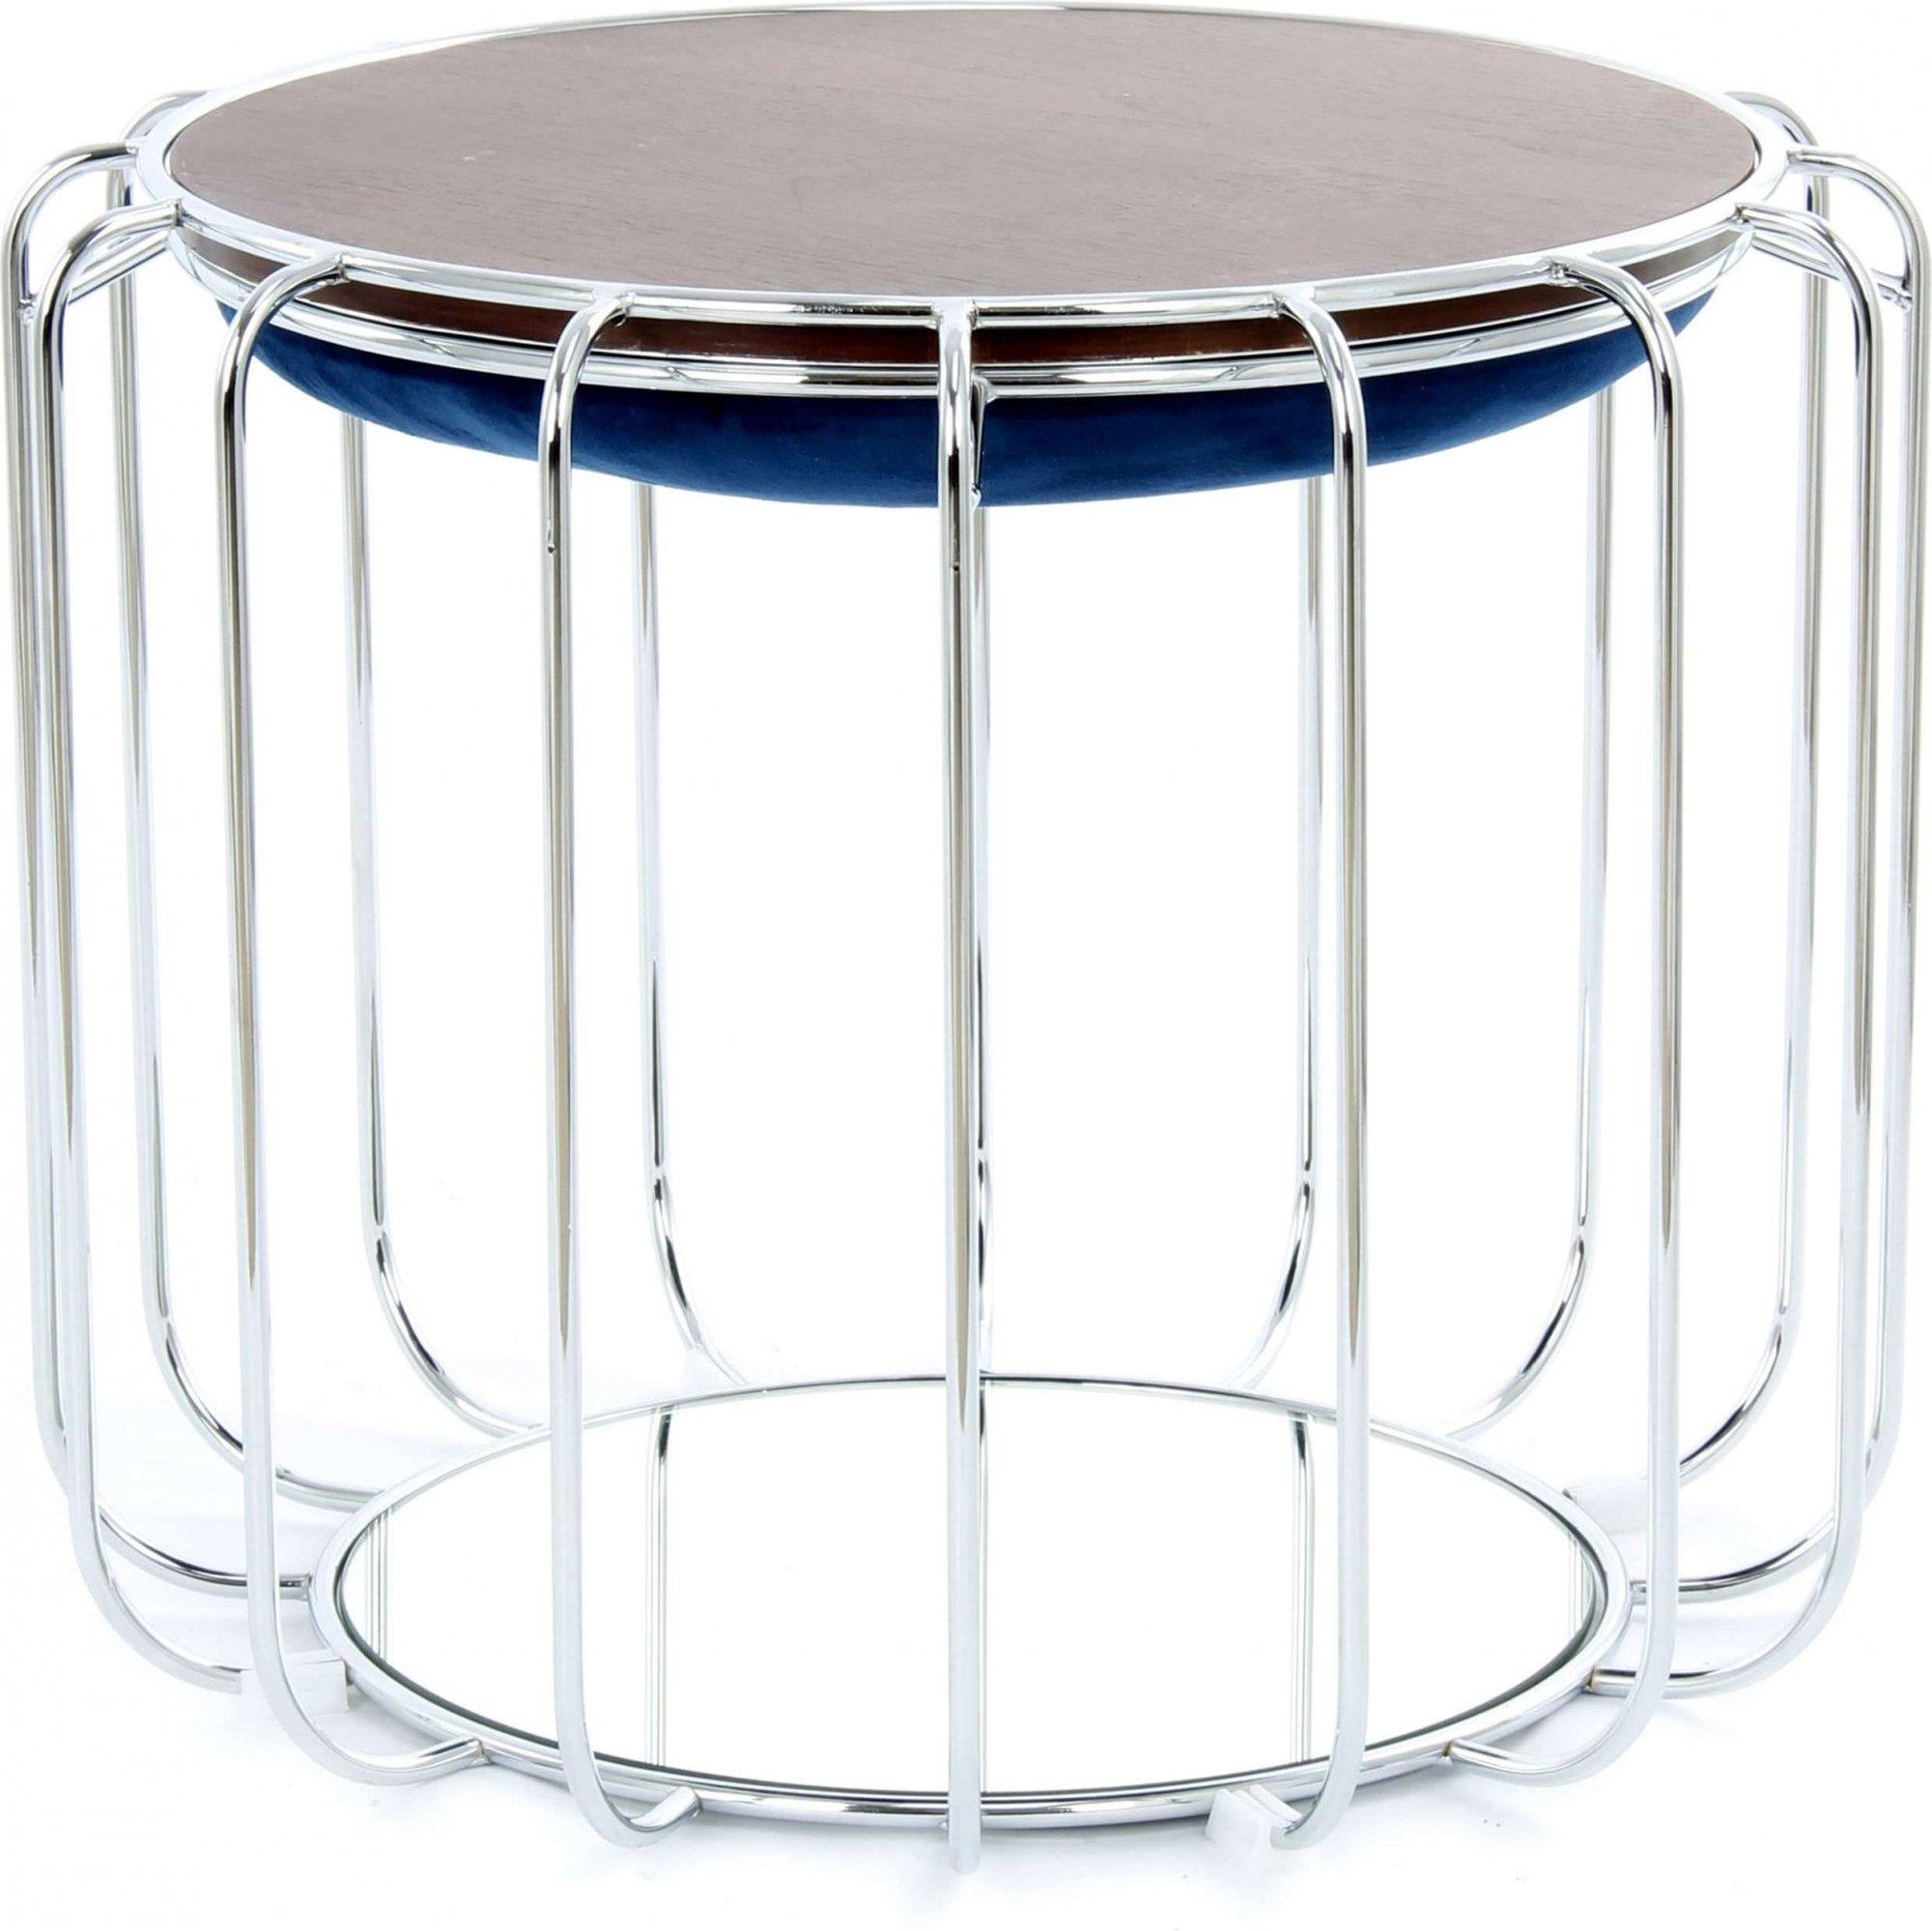 Table d'appoint réversible pouf bleu